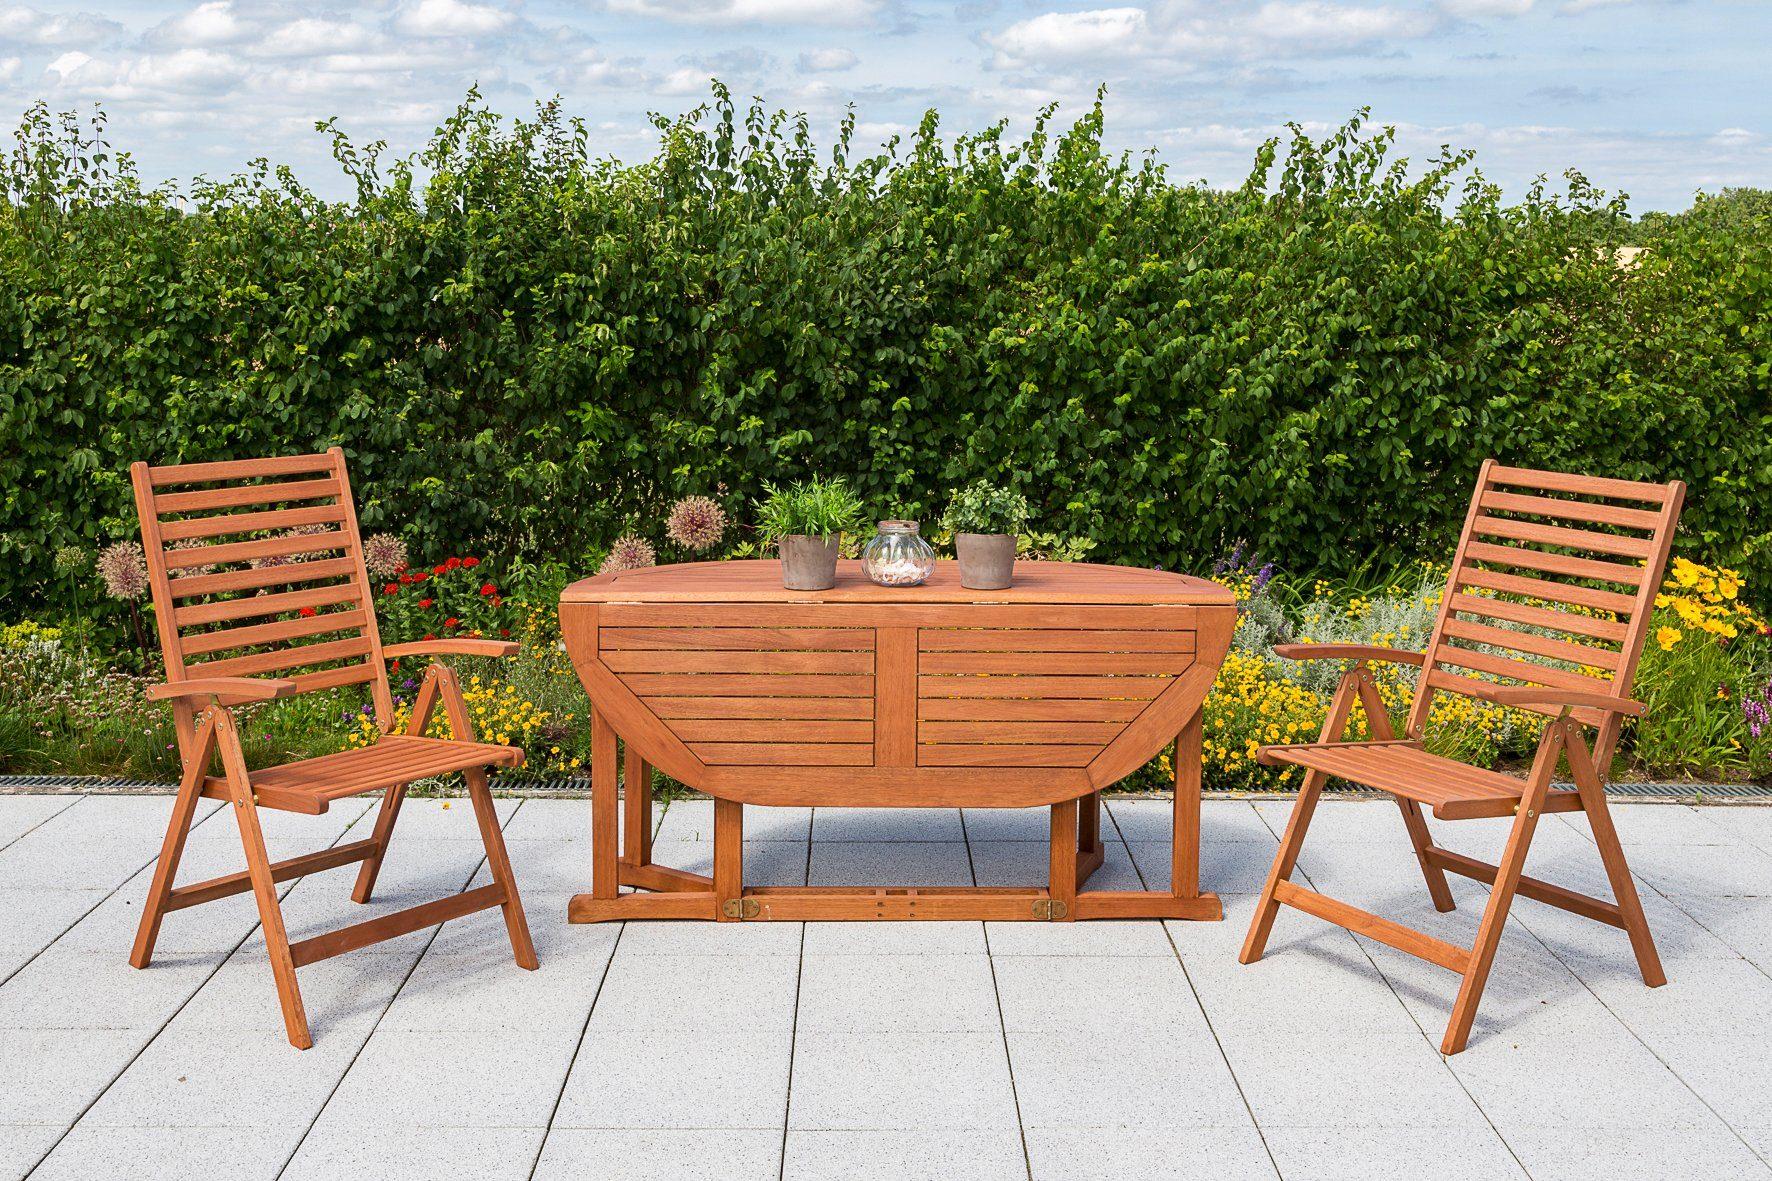 MERXX Gartenmöbelset »Bahia«, 3-tlg., 2Klappsessel, Tisch 150x100 cm, Eukalyptus